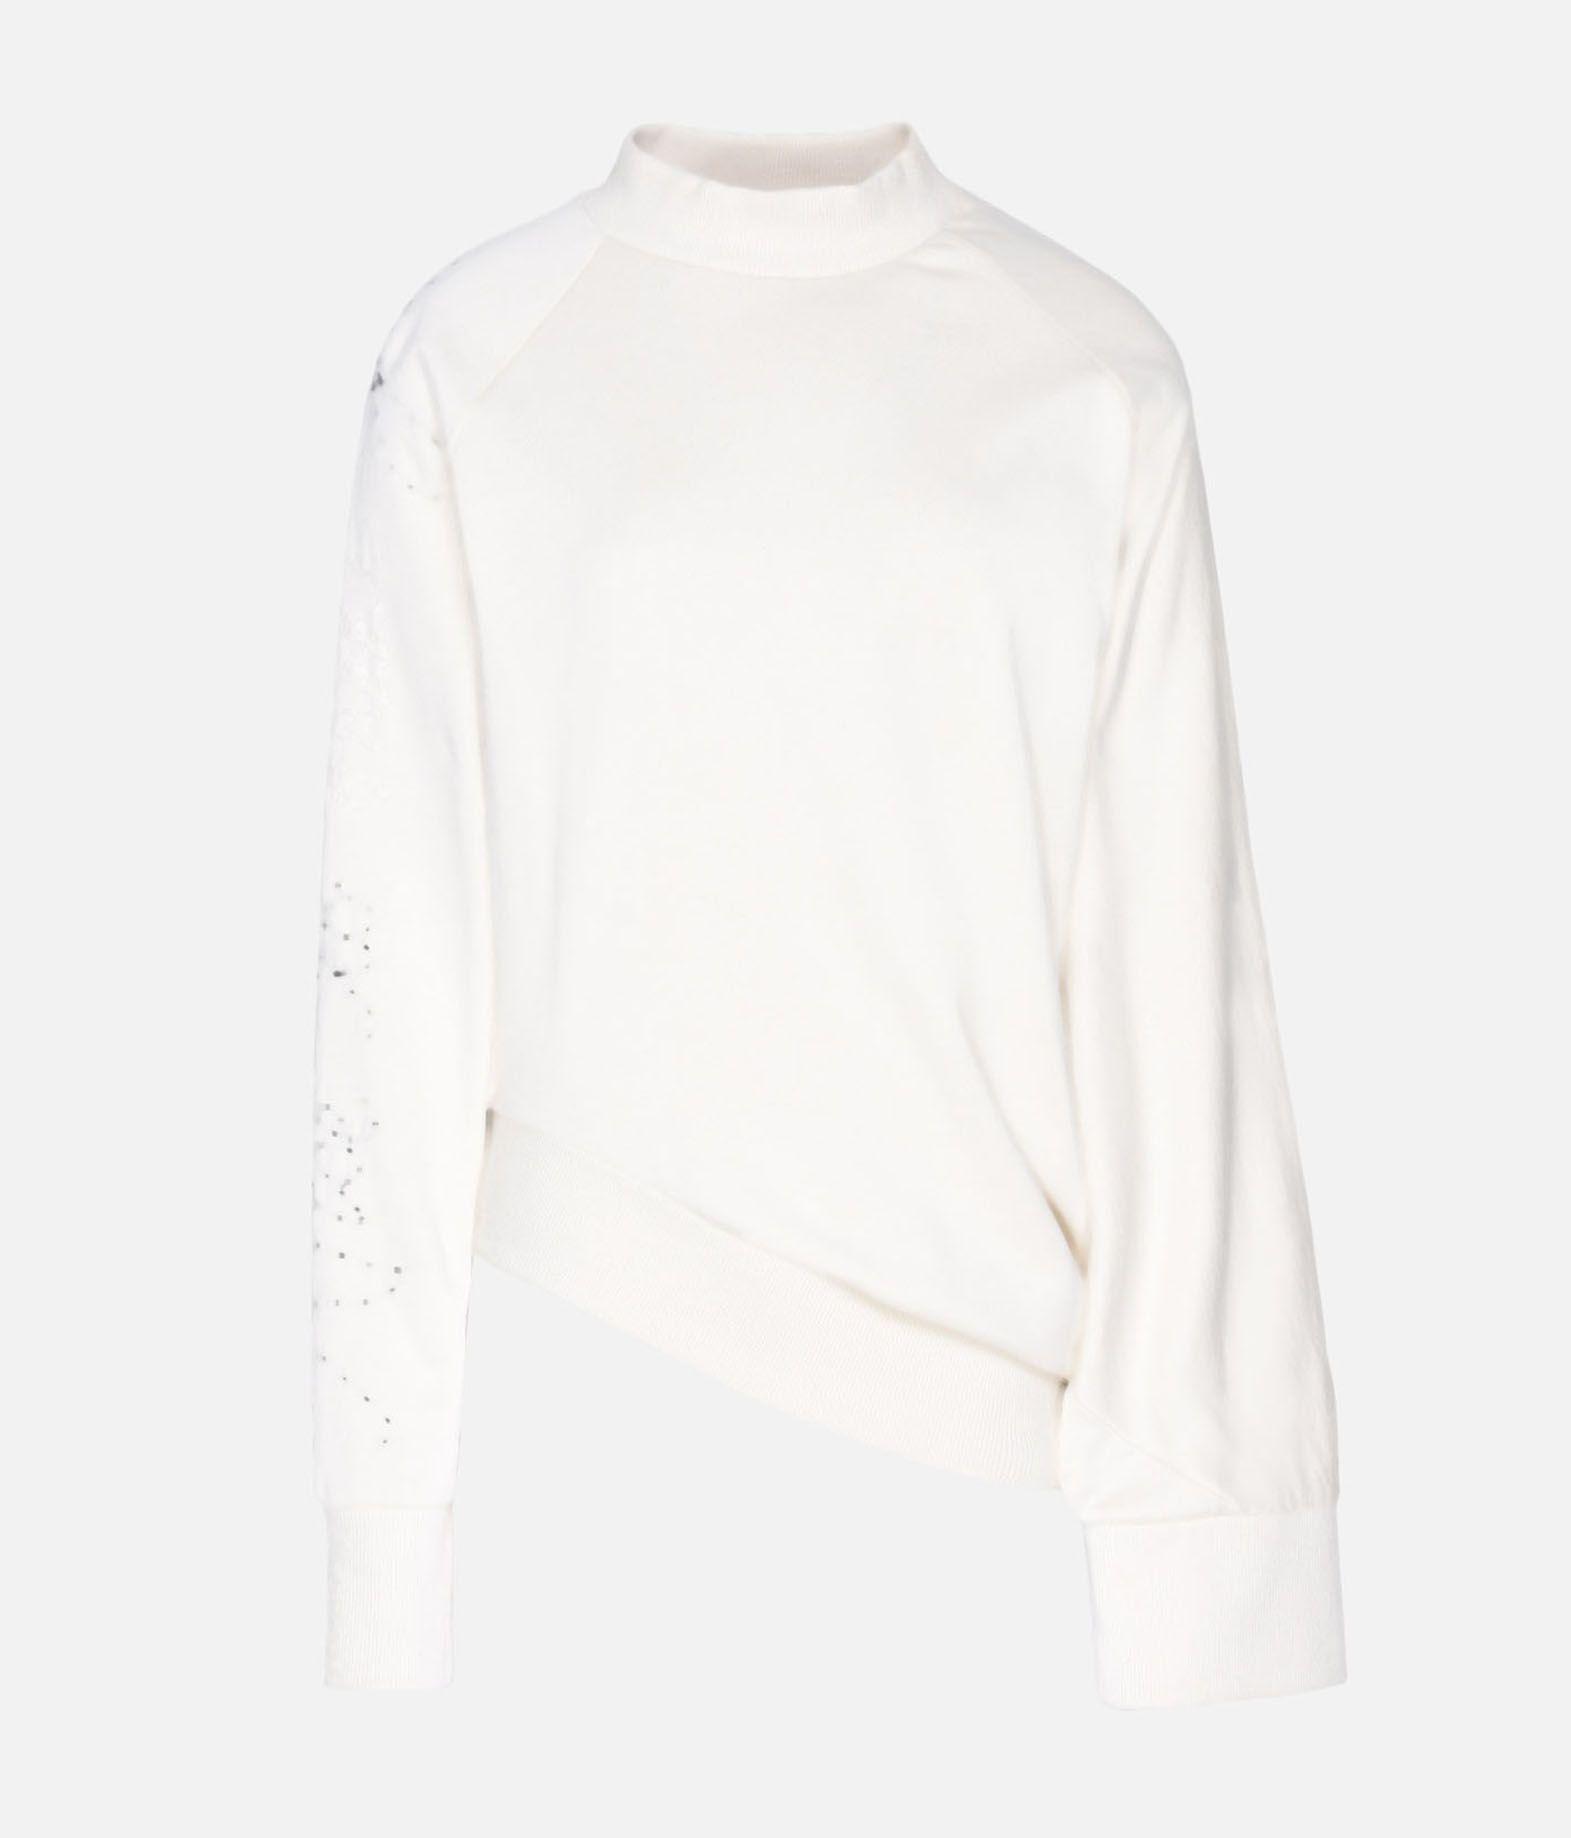 Y-3 Y-3 Sashiko Slogan Sweater Толстовка Для Женщин f